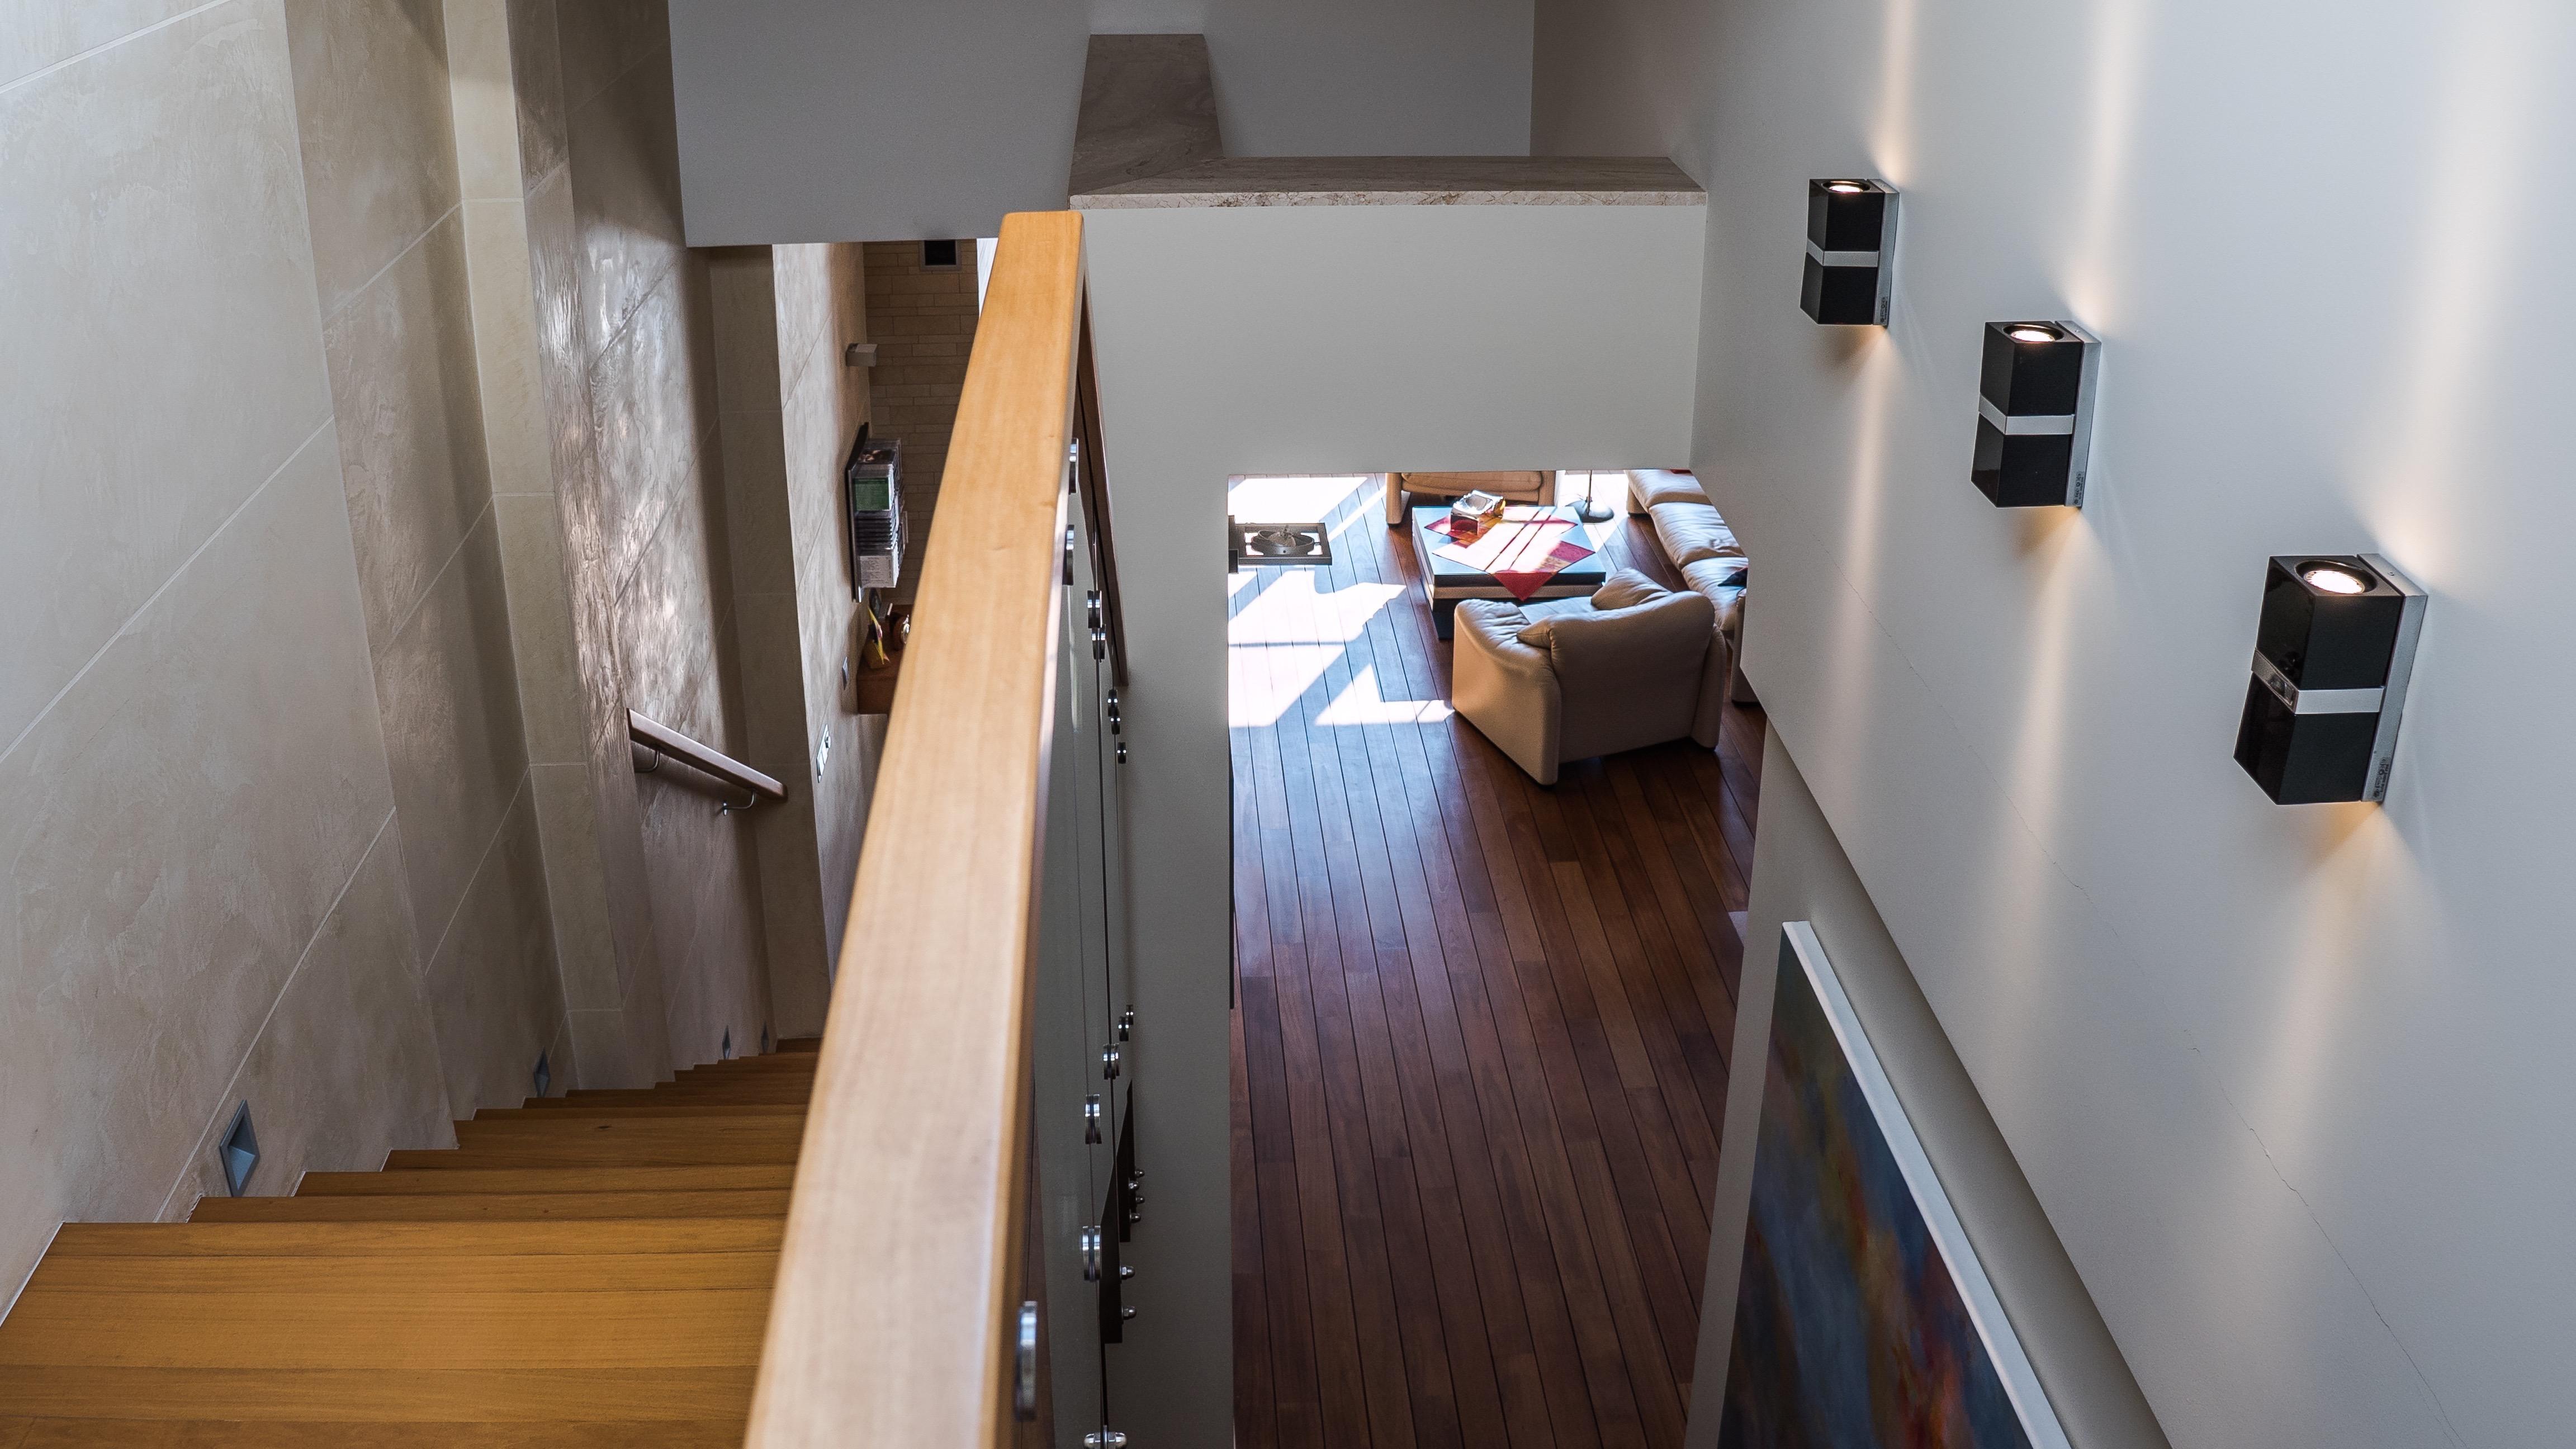 KL wnetrza - aranżacja mieszkania w Sopocie